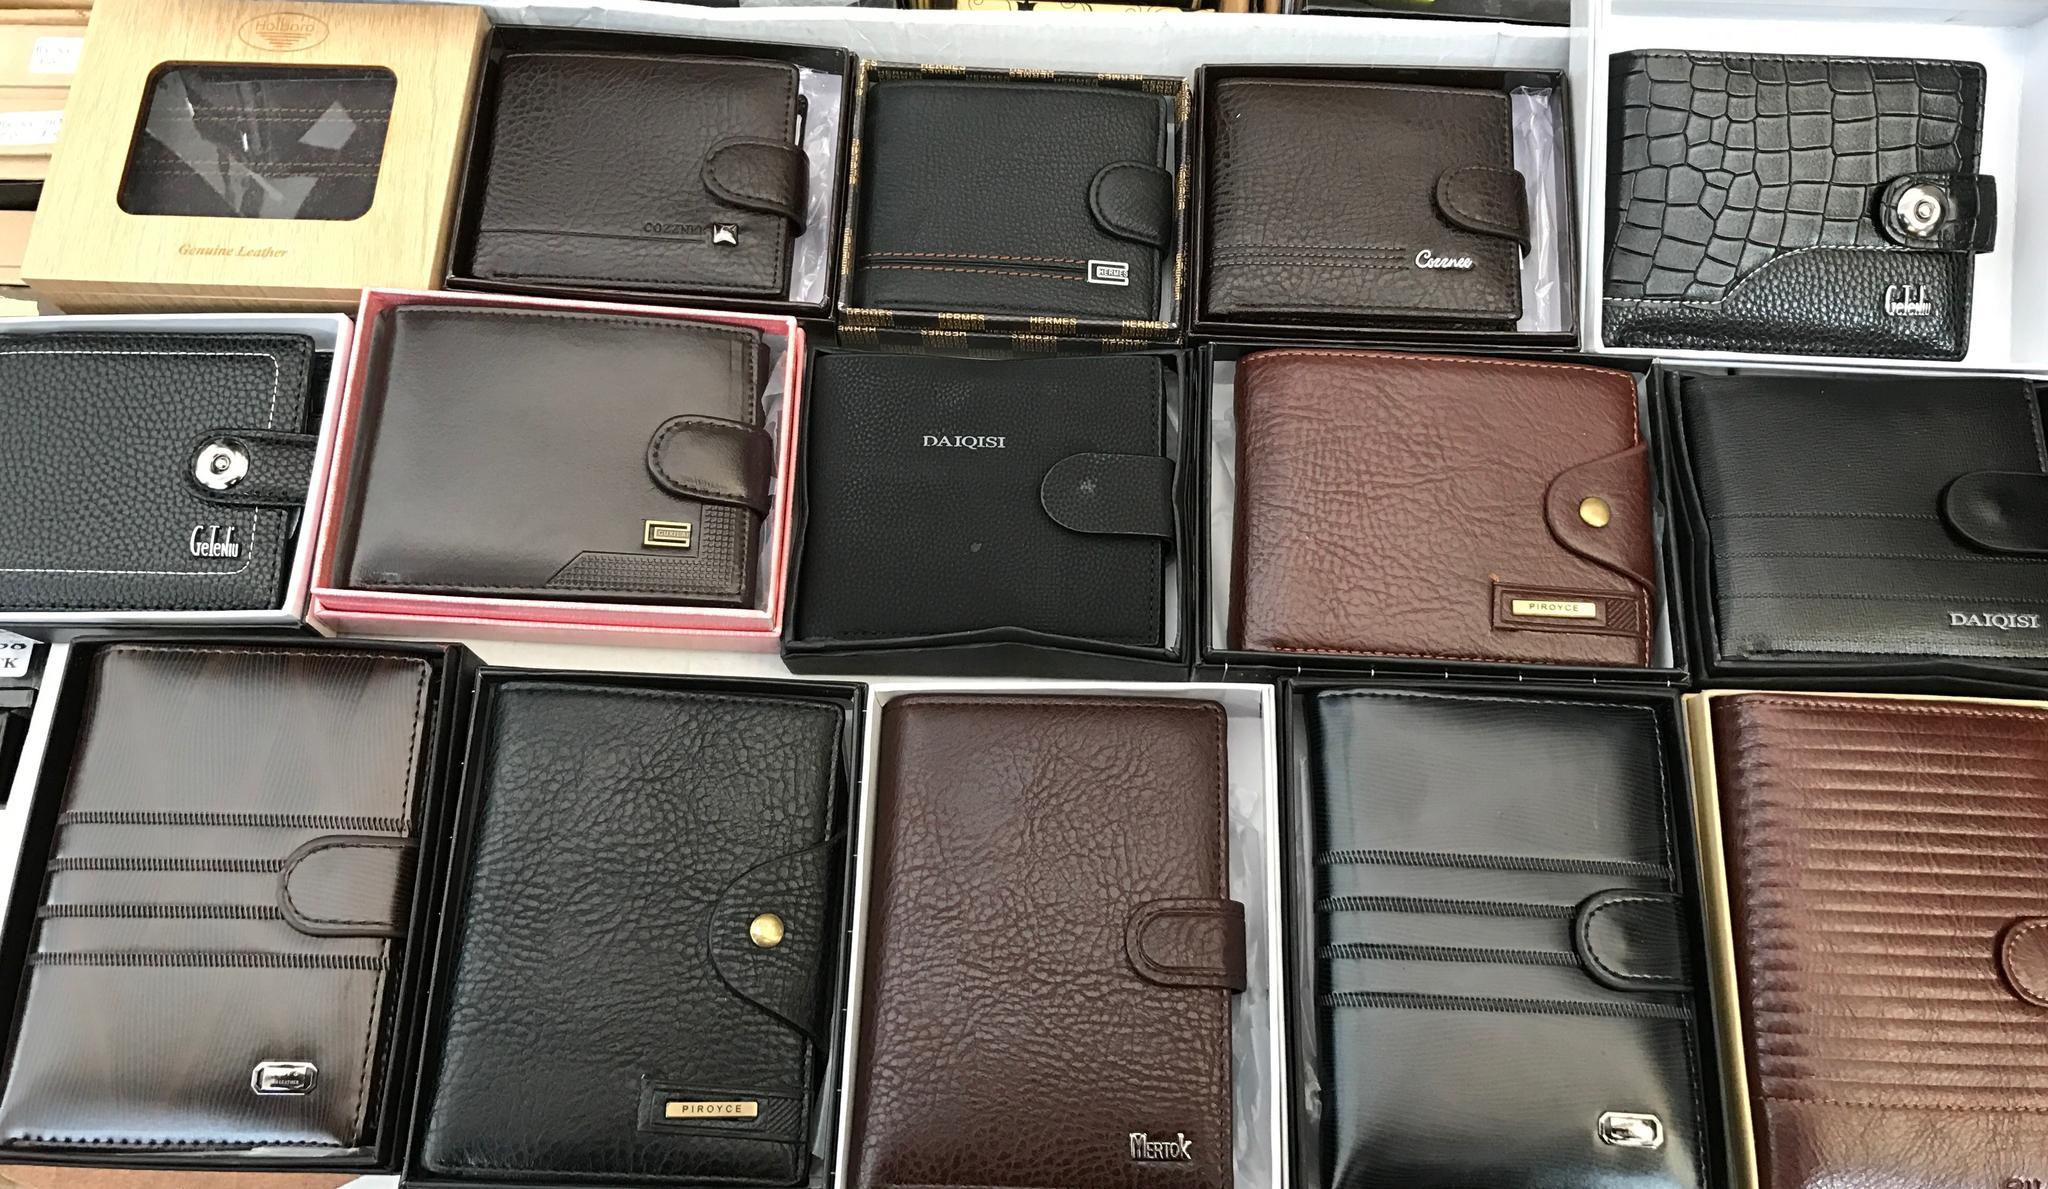 6f986a201f6e кошельки мужские и женские купить дешево,чемоданы,барсетки,кошельки ...